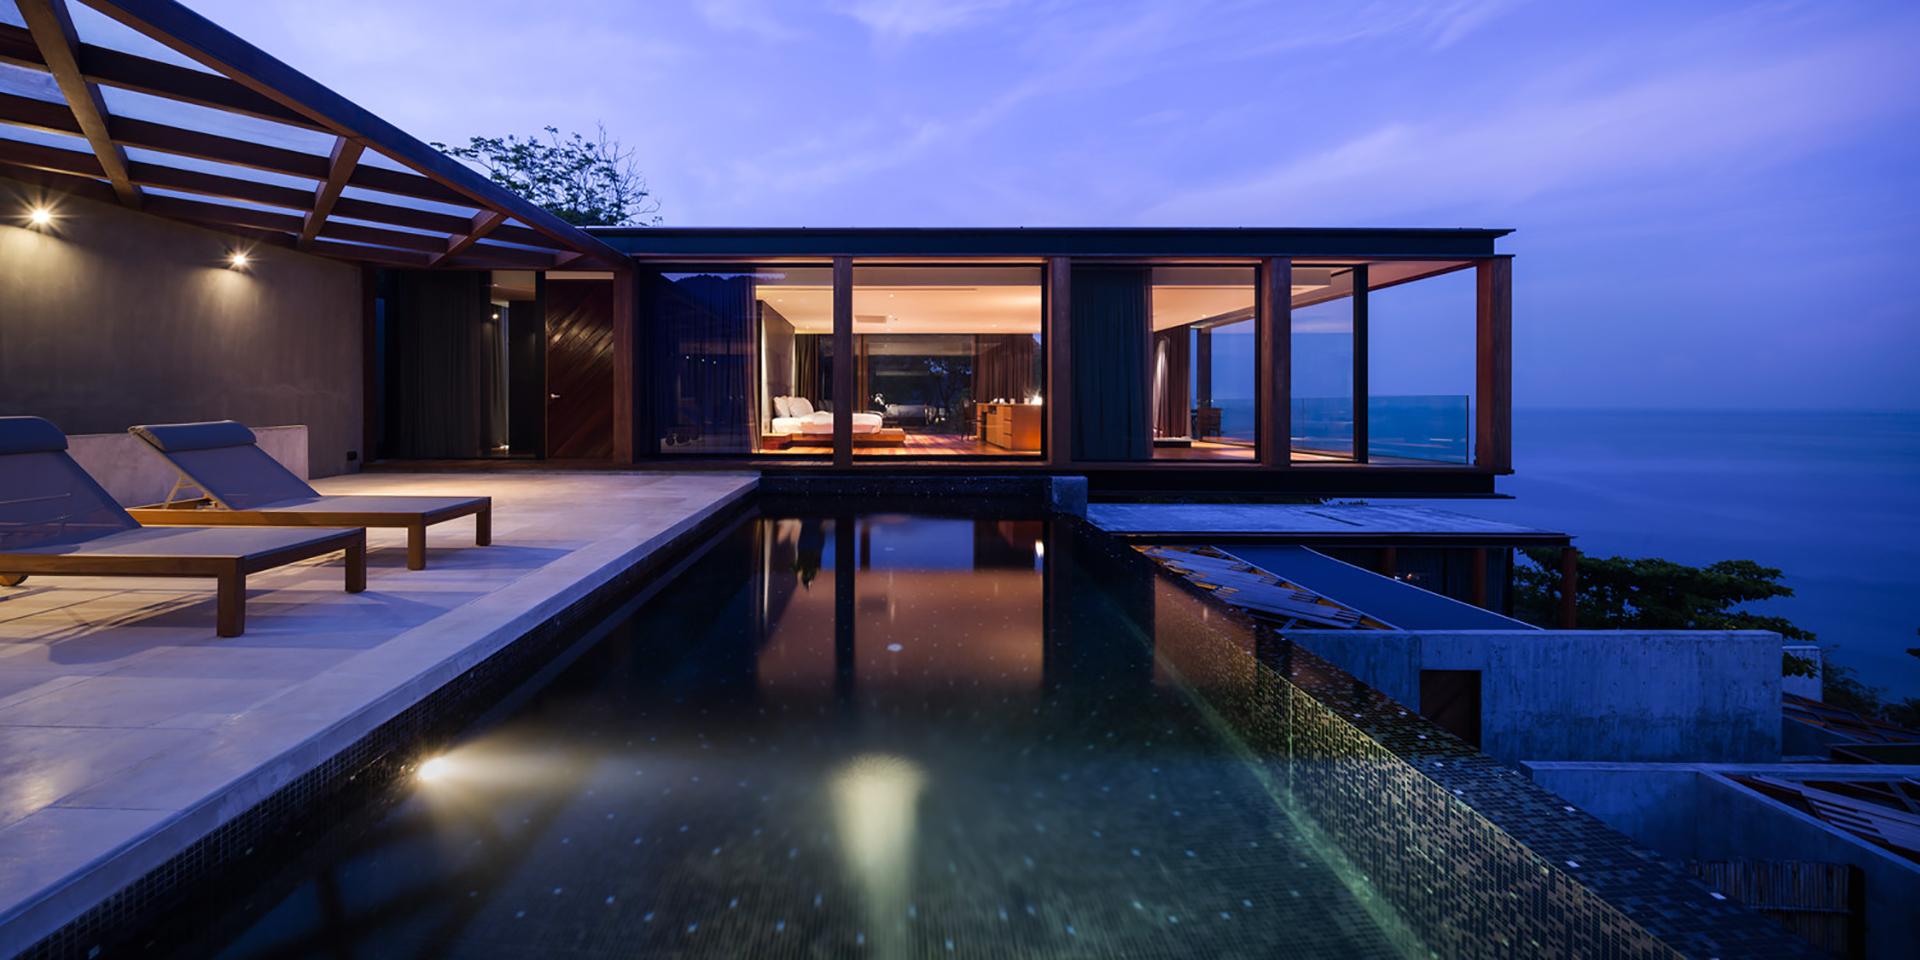 Starwood preferred guest expansion of design hotels for Design hotel spg